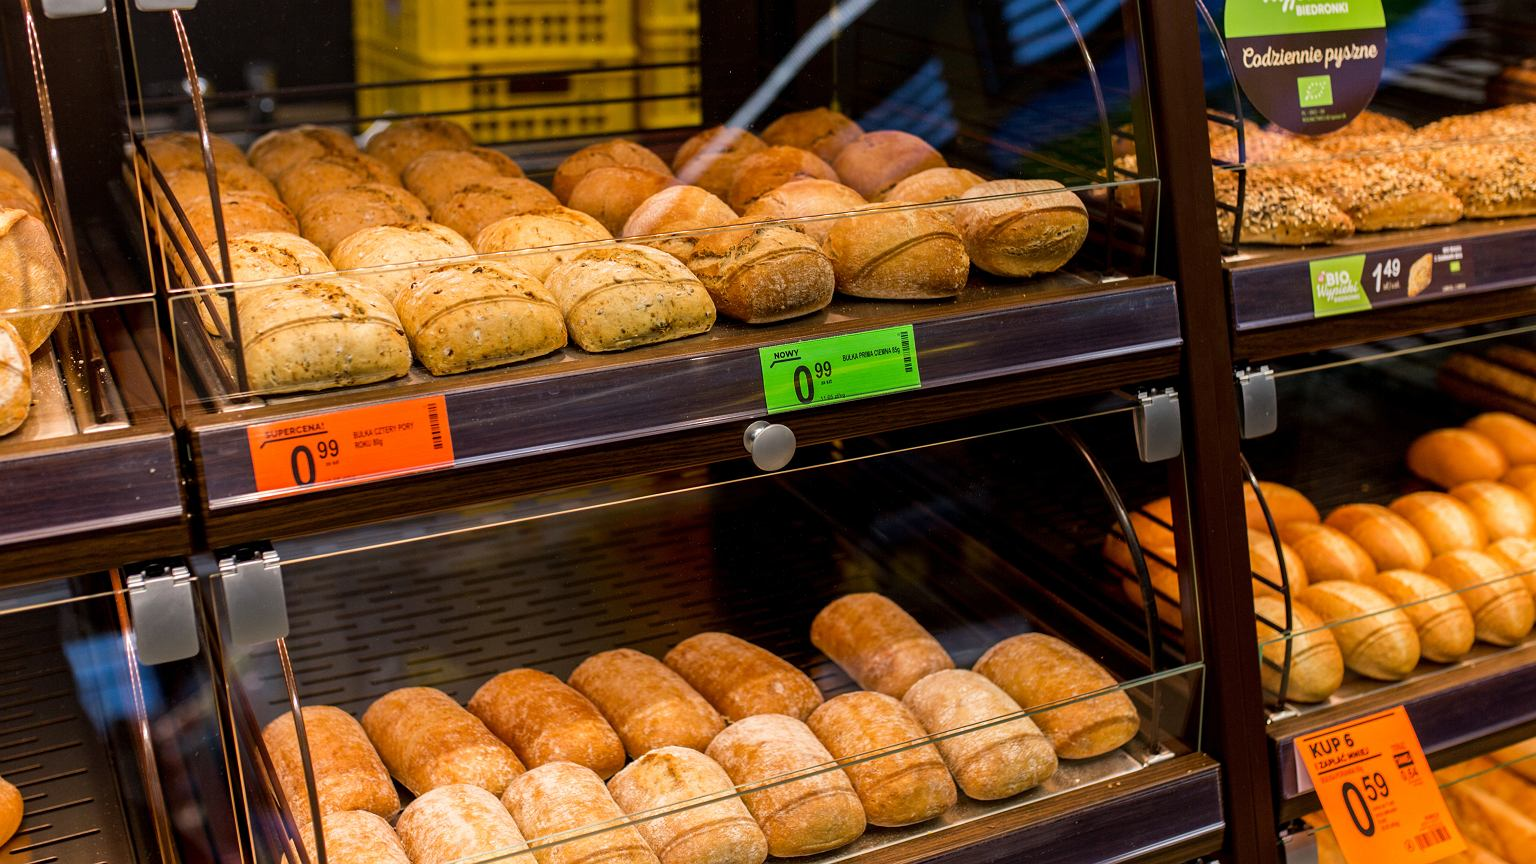 Niedziele handlowe - styczeń 2020. Czy sklepy będą dziś czynne? [12 stycznia]